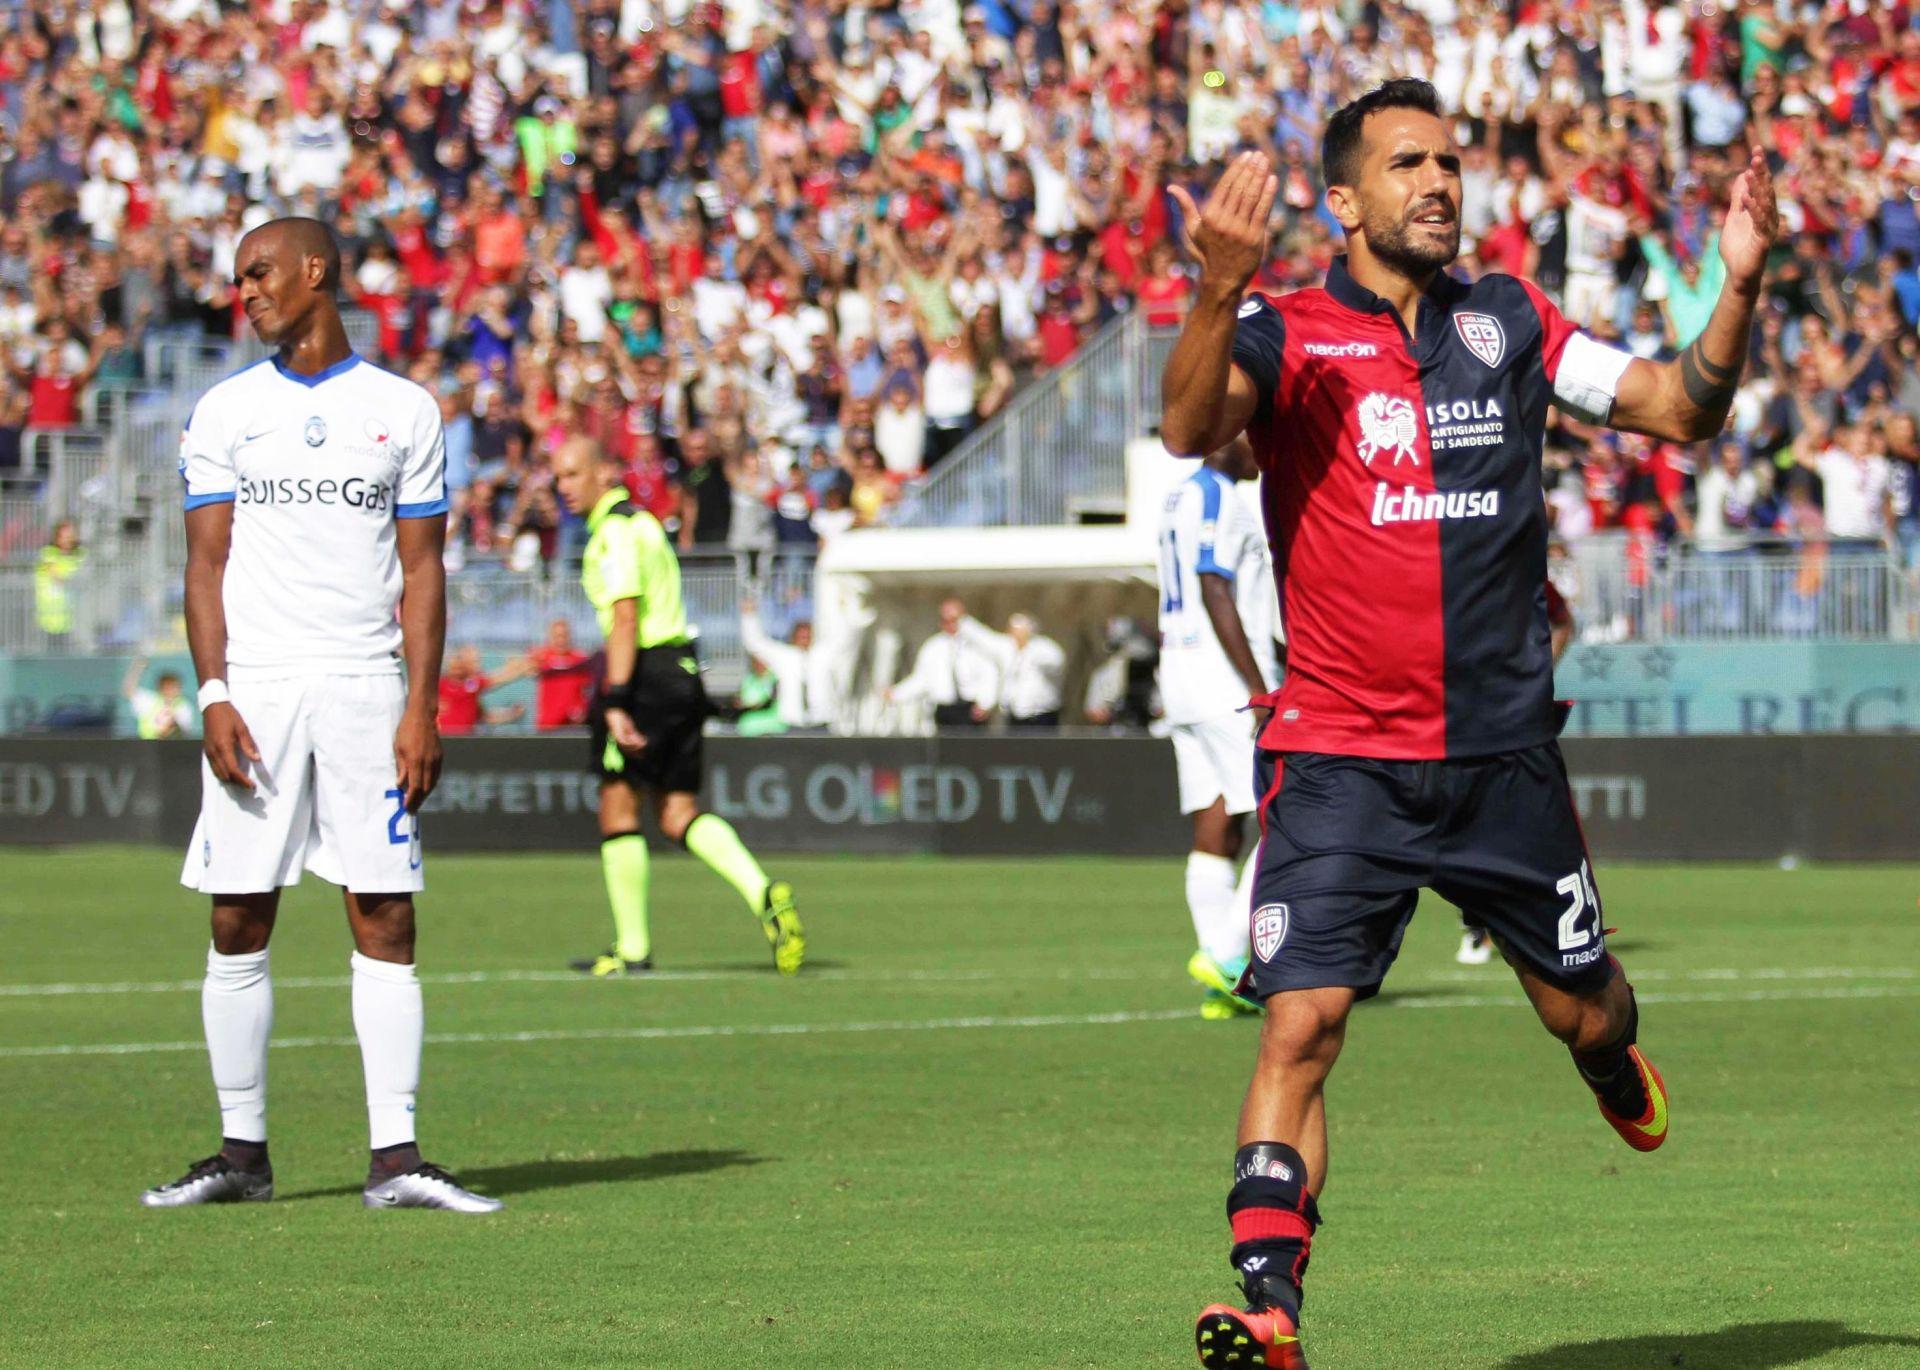 SERIE A: Pobjede Cagliarija i Atalante